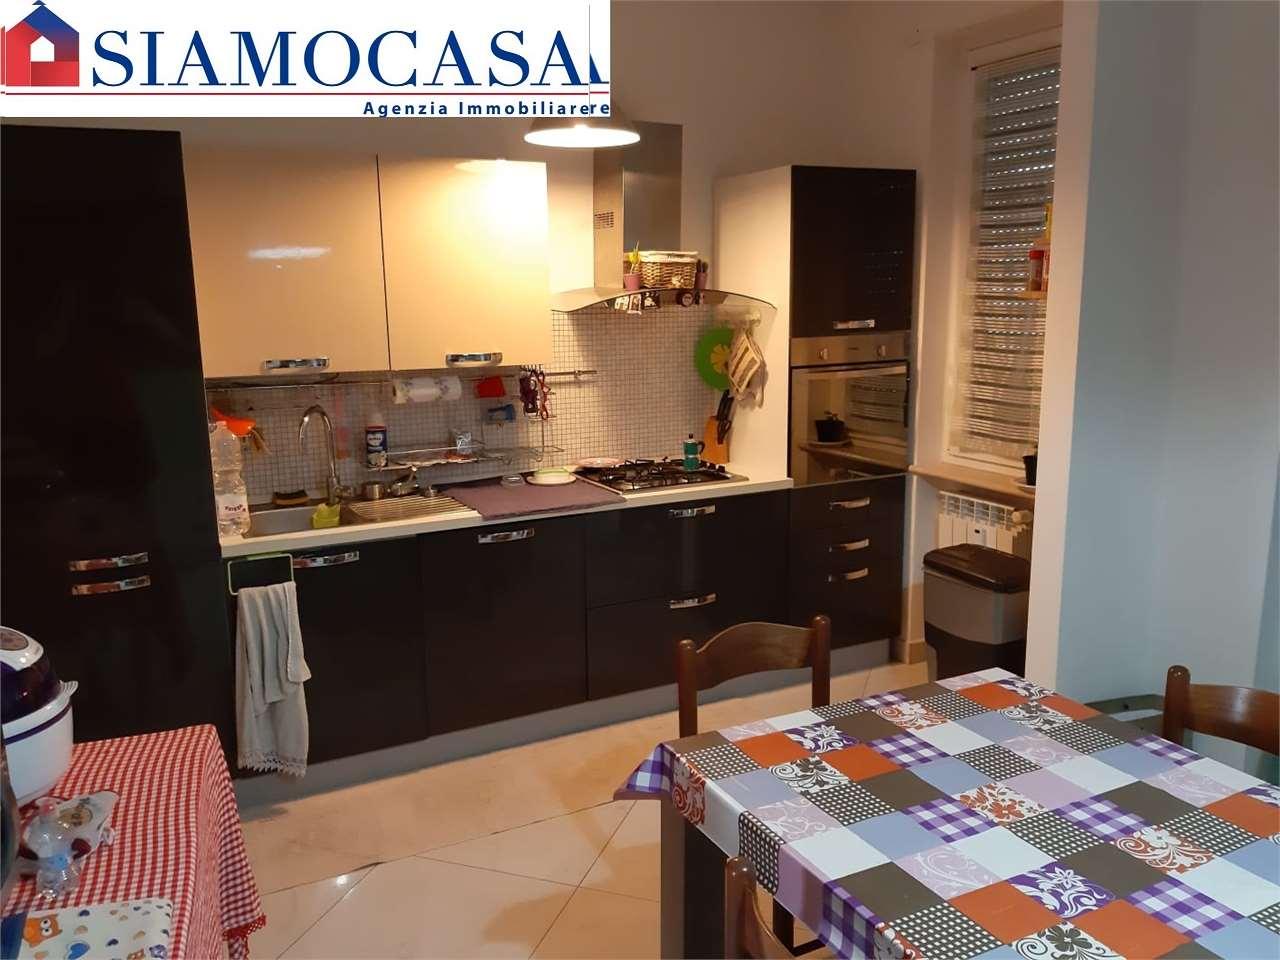 Appartamento in vendita a Alessandria, 3 locali, zona Zona: Cristo, prezzo € 69.000 | CambioCasa.it